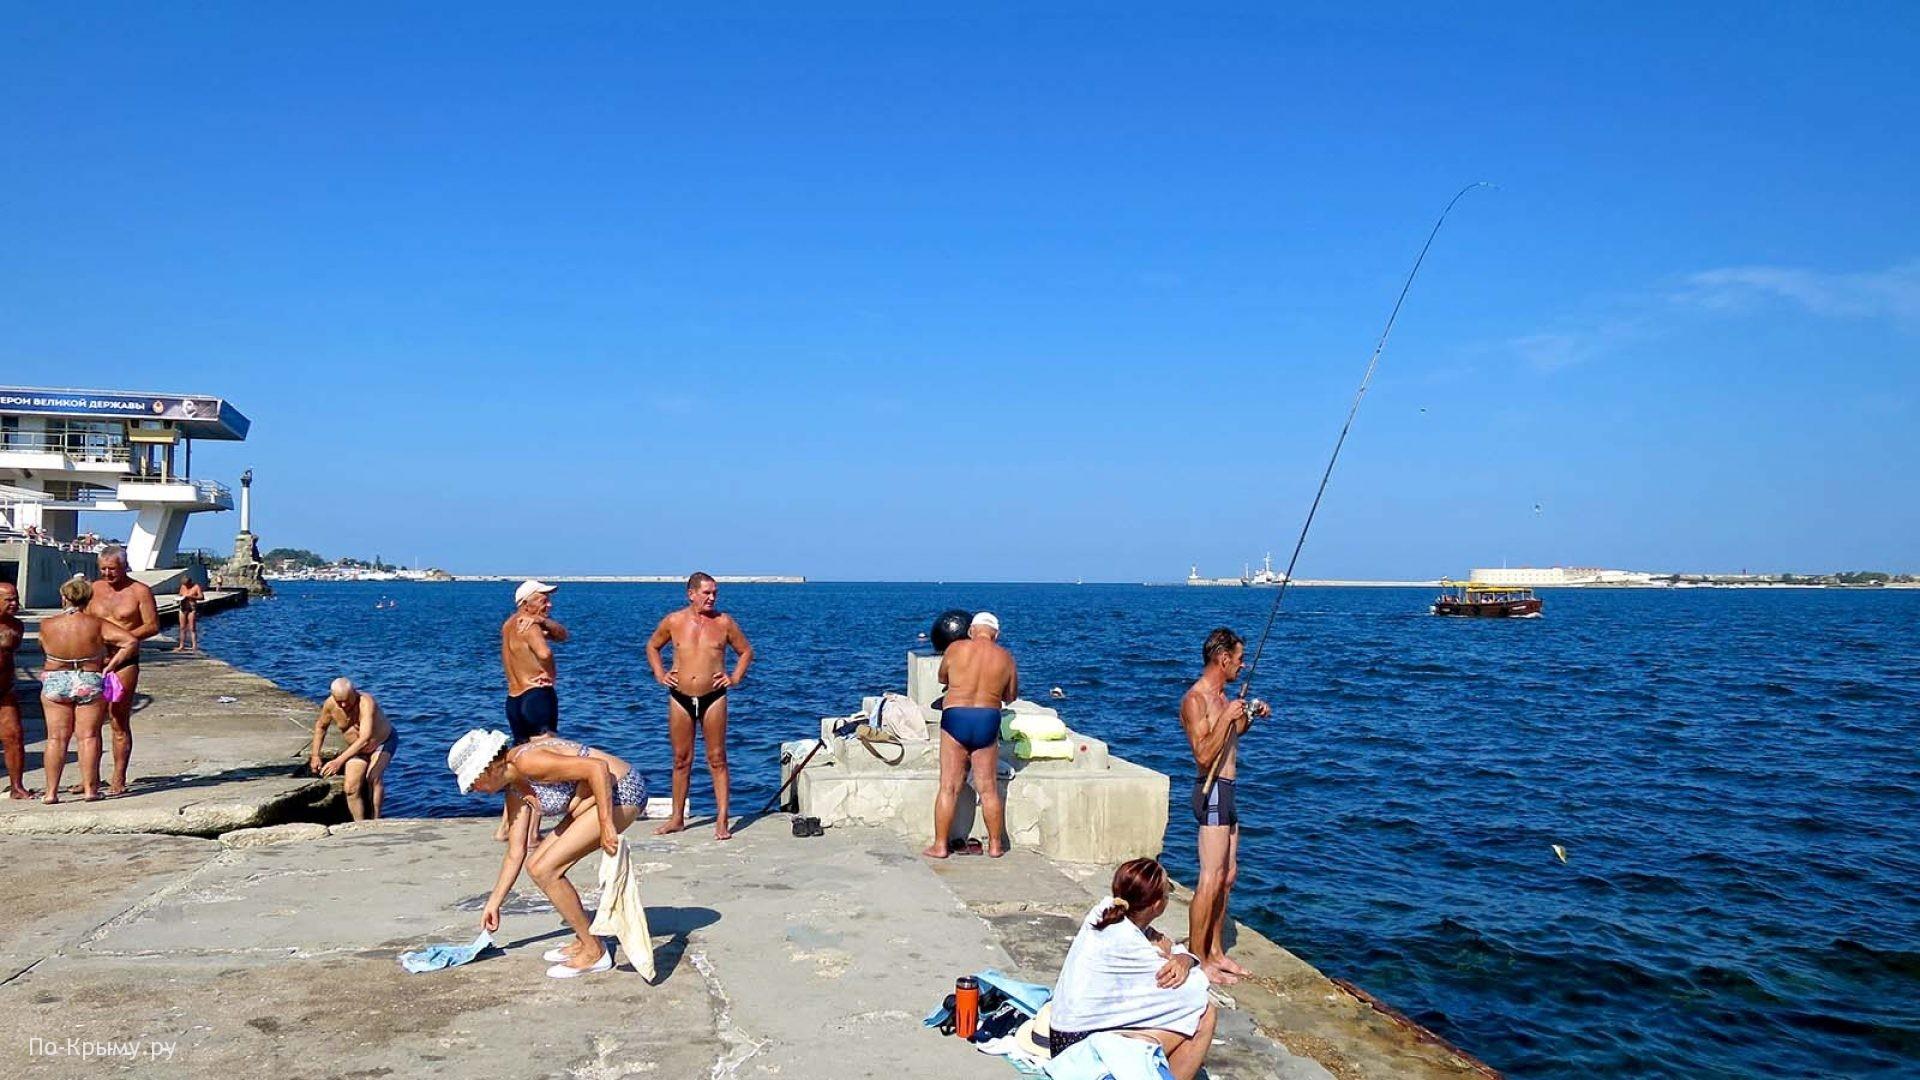 Лучшие места купания и рыбной ловли